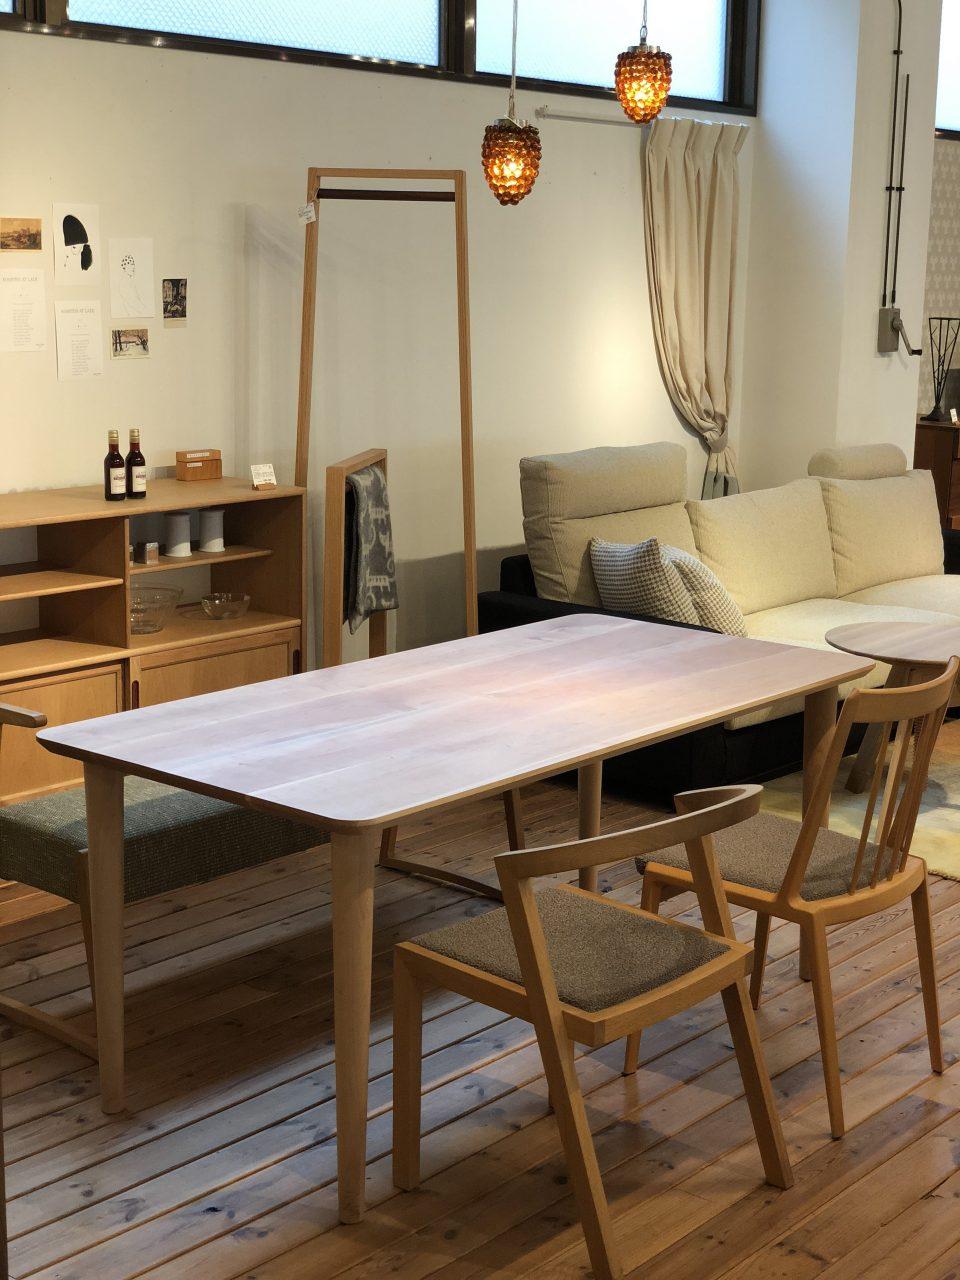 ボー・デコールの無垢板の山桜のオリジナルダイニングテーブルです。